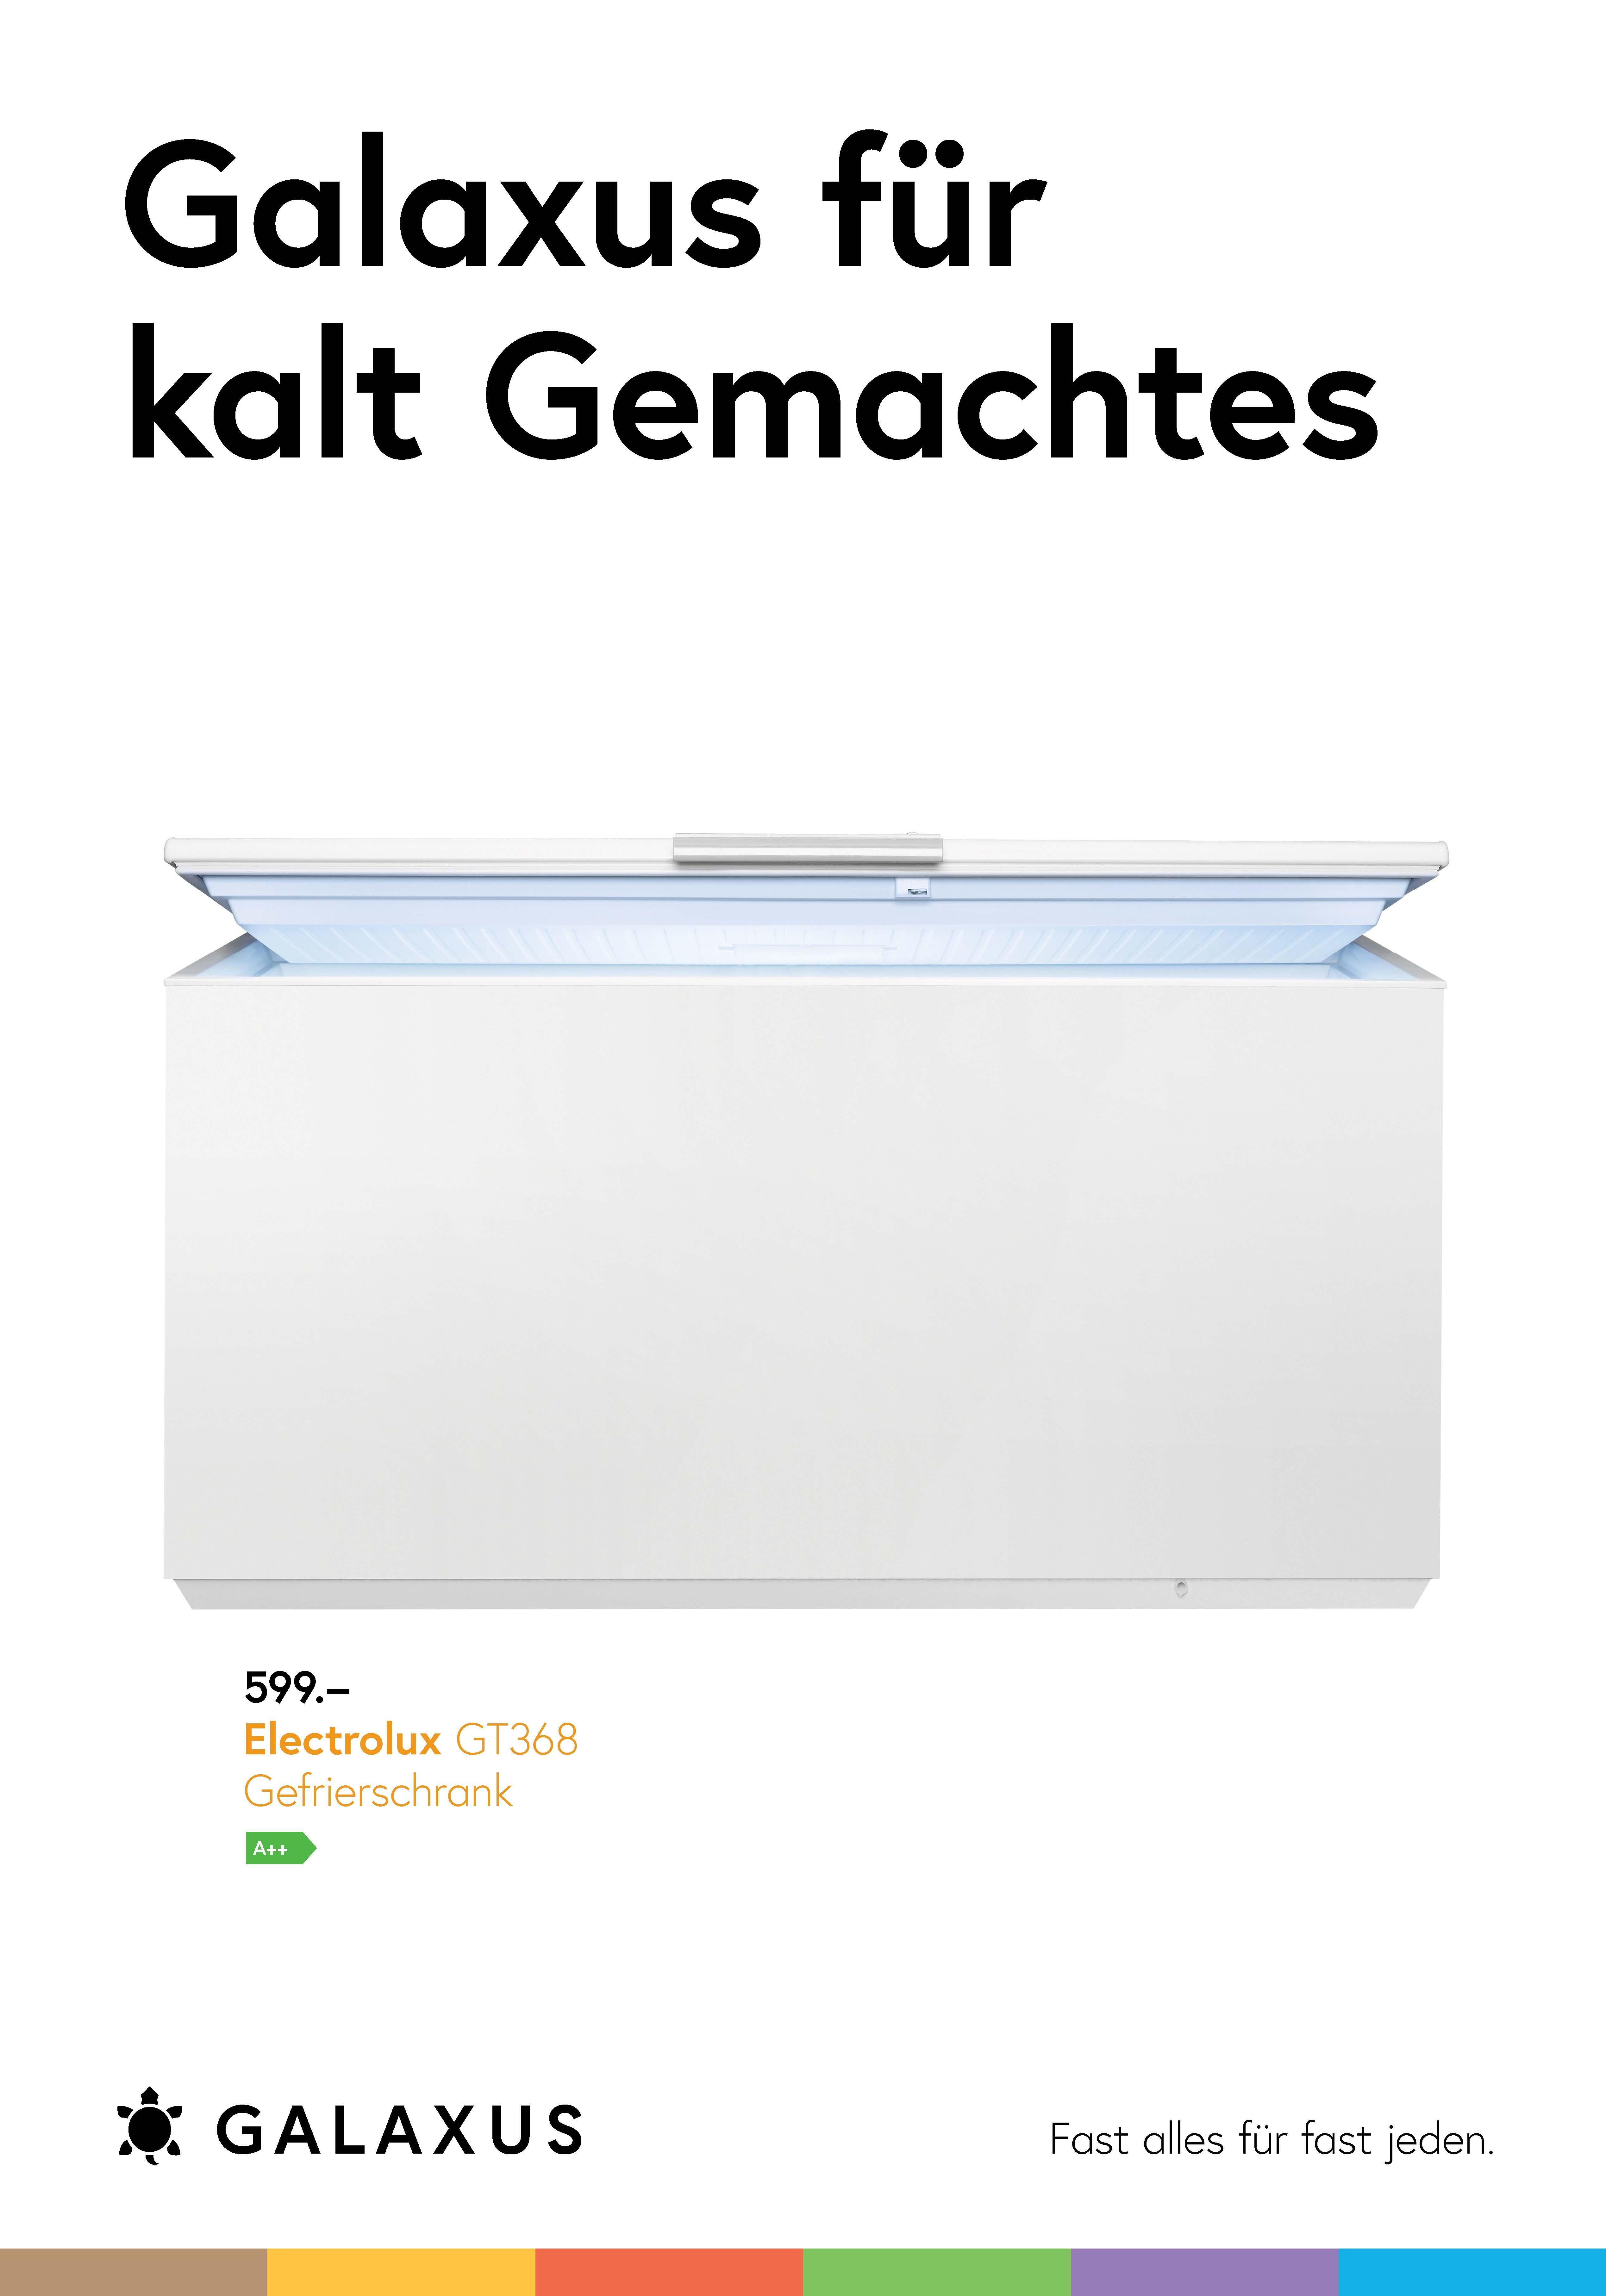 Electrolux GT368